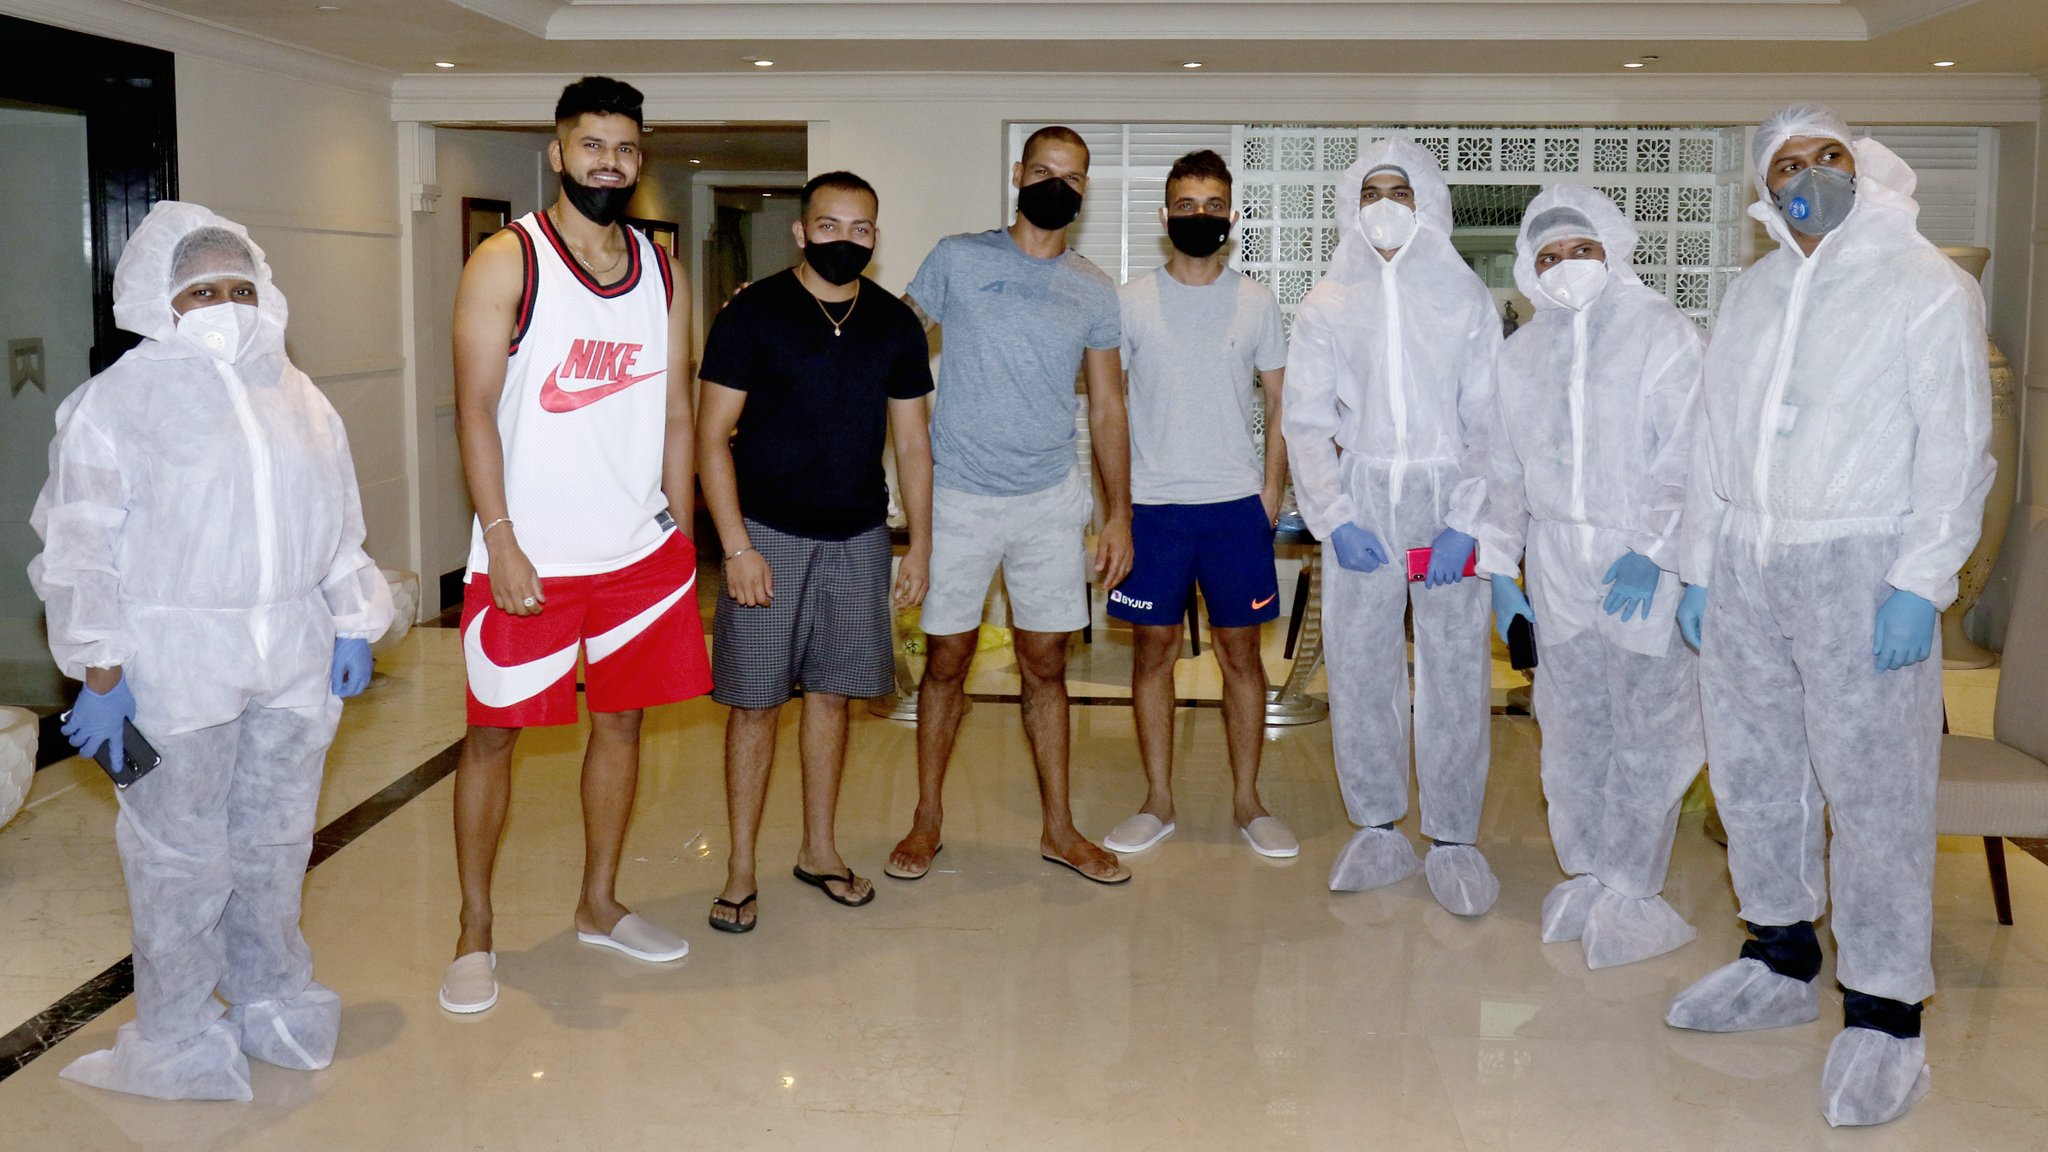 Delhi  Capitals players and staff  before departure for UAE. (Credits: Twitter/Delhi Capitals)